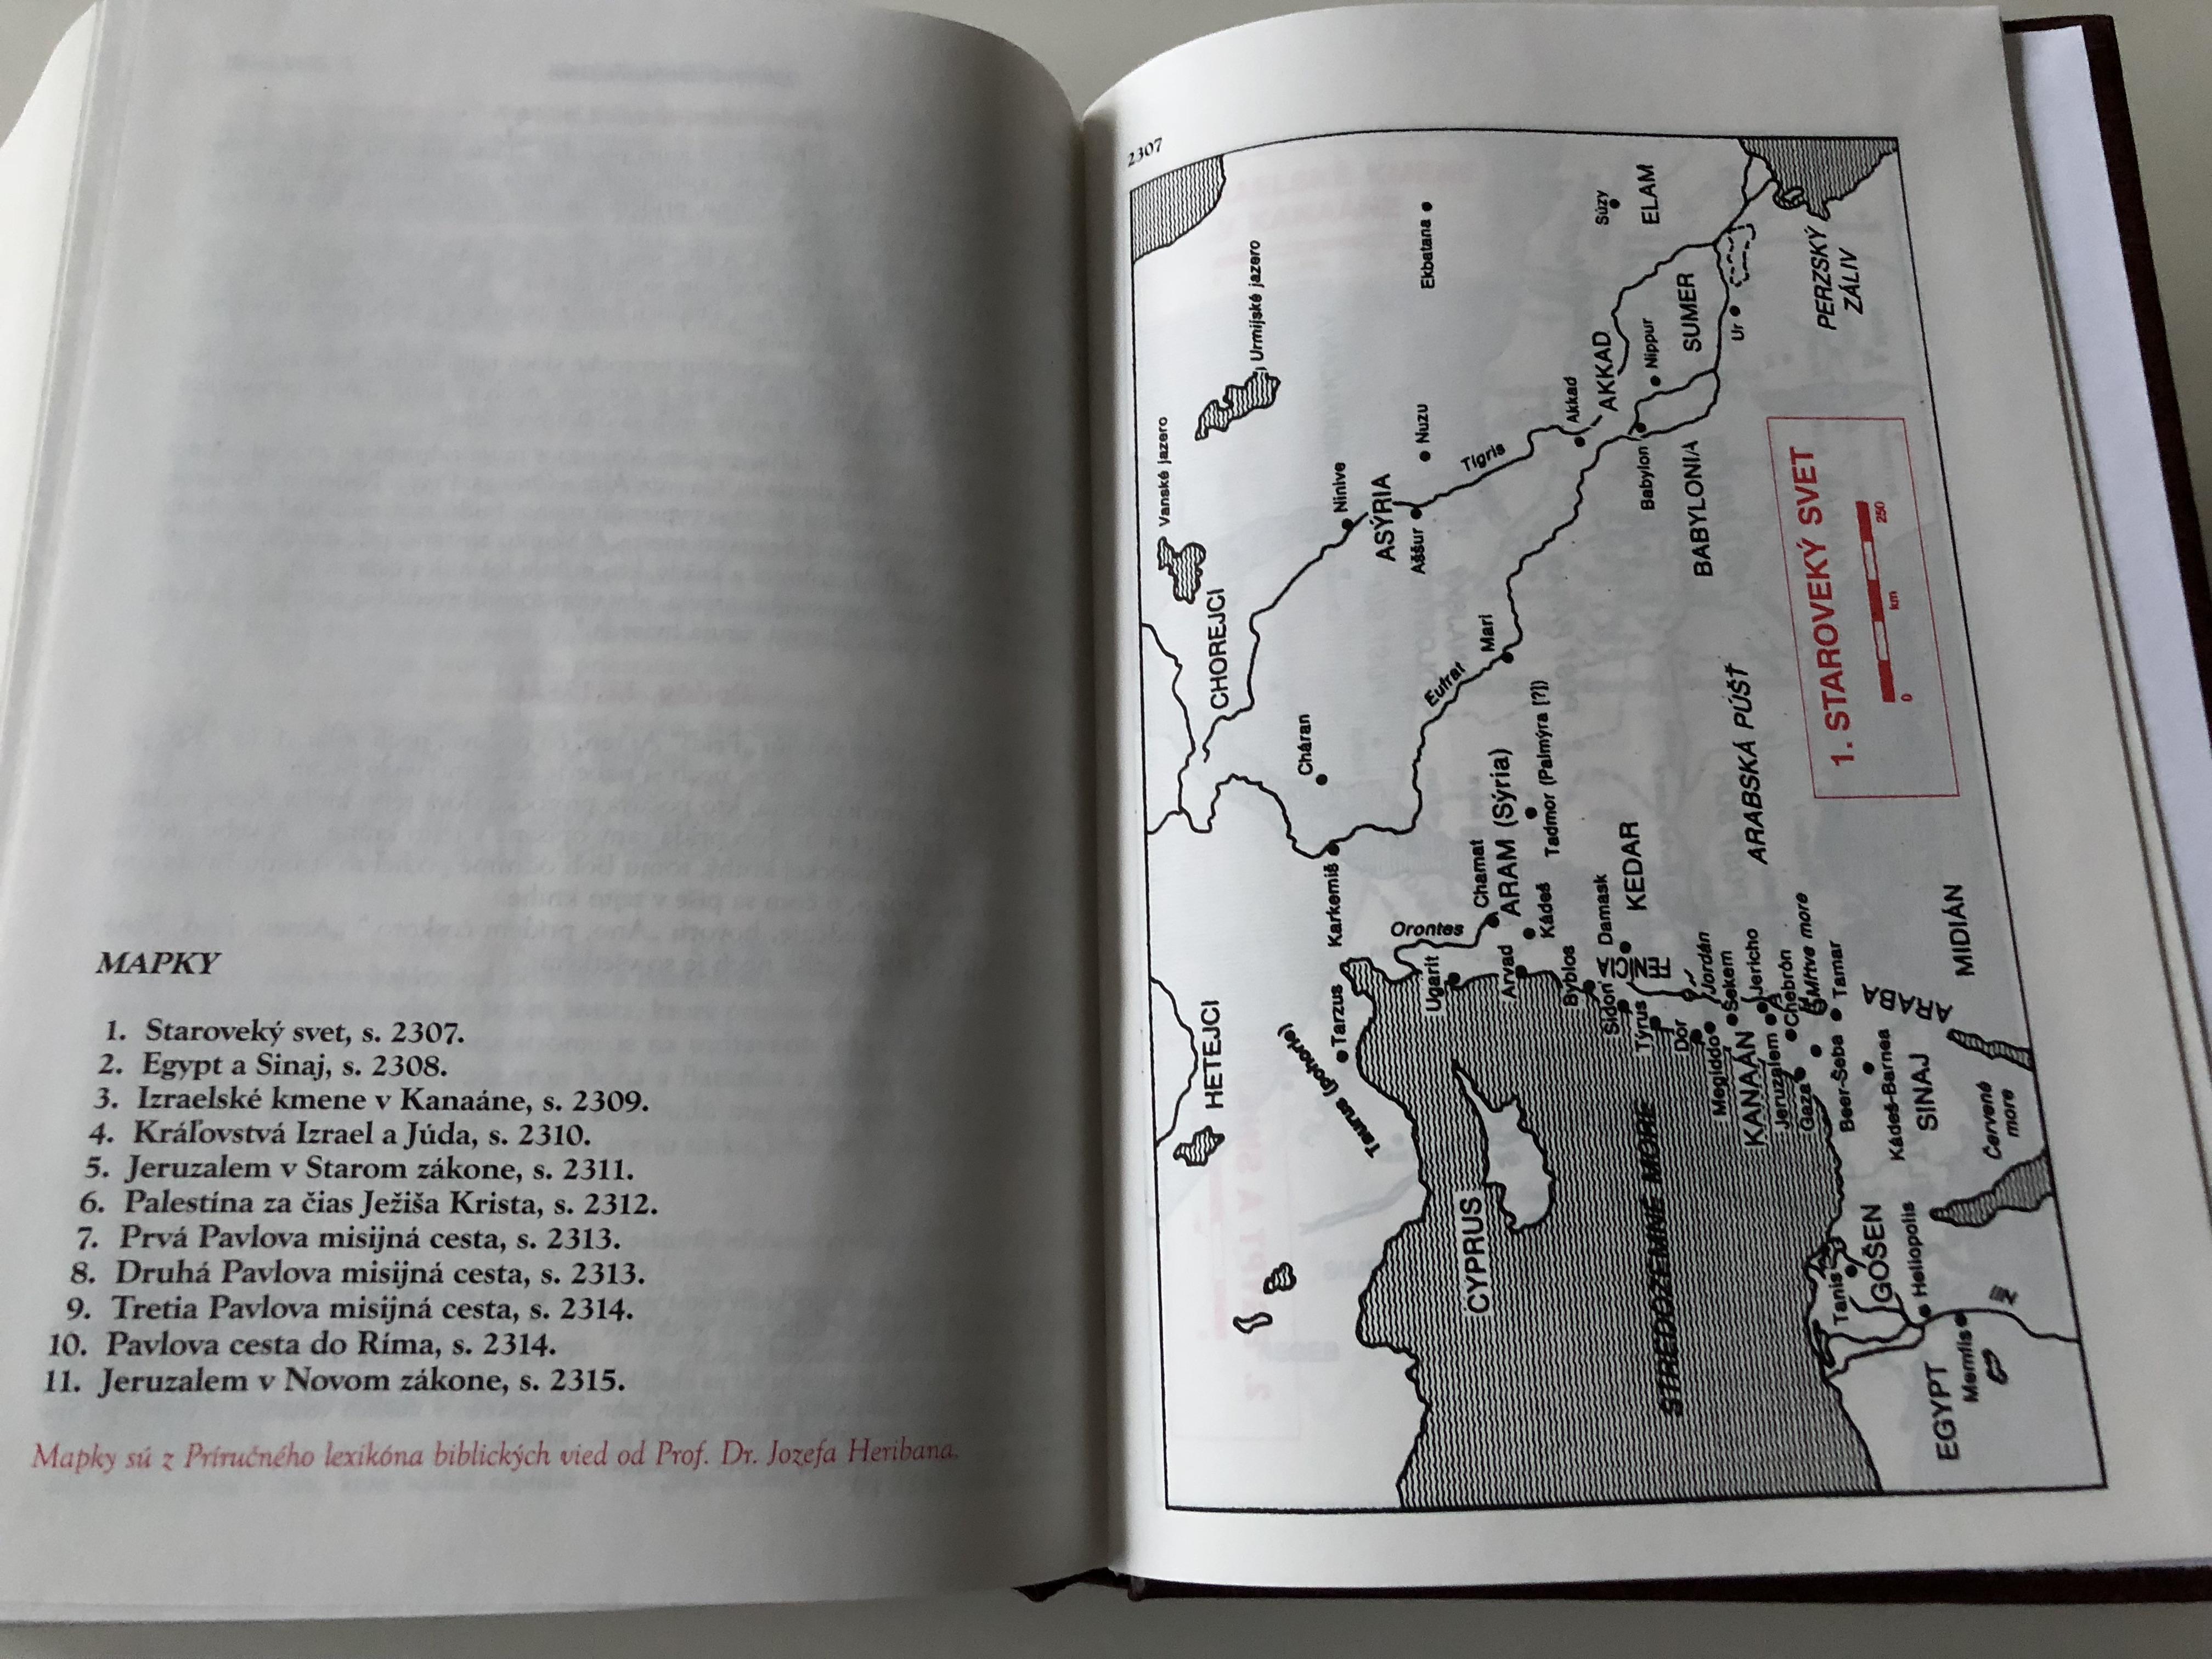 slovak-catholic-study-bible-large-print-with-study-notes-19-.jpg